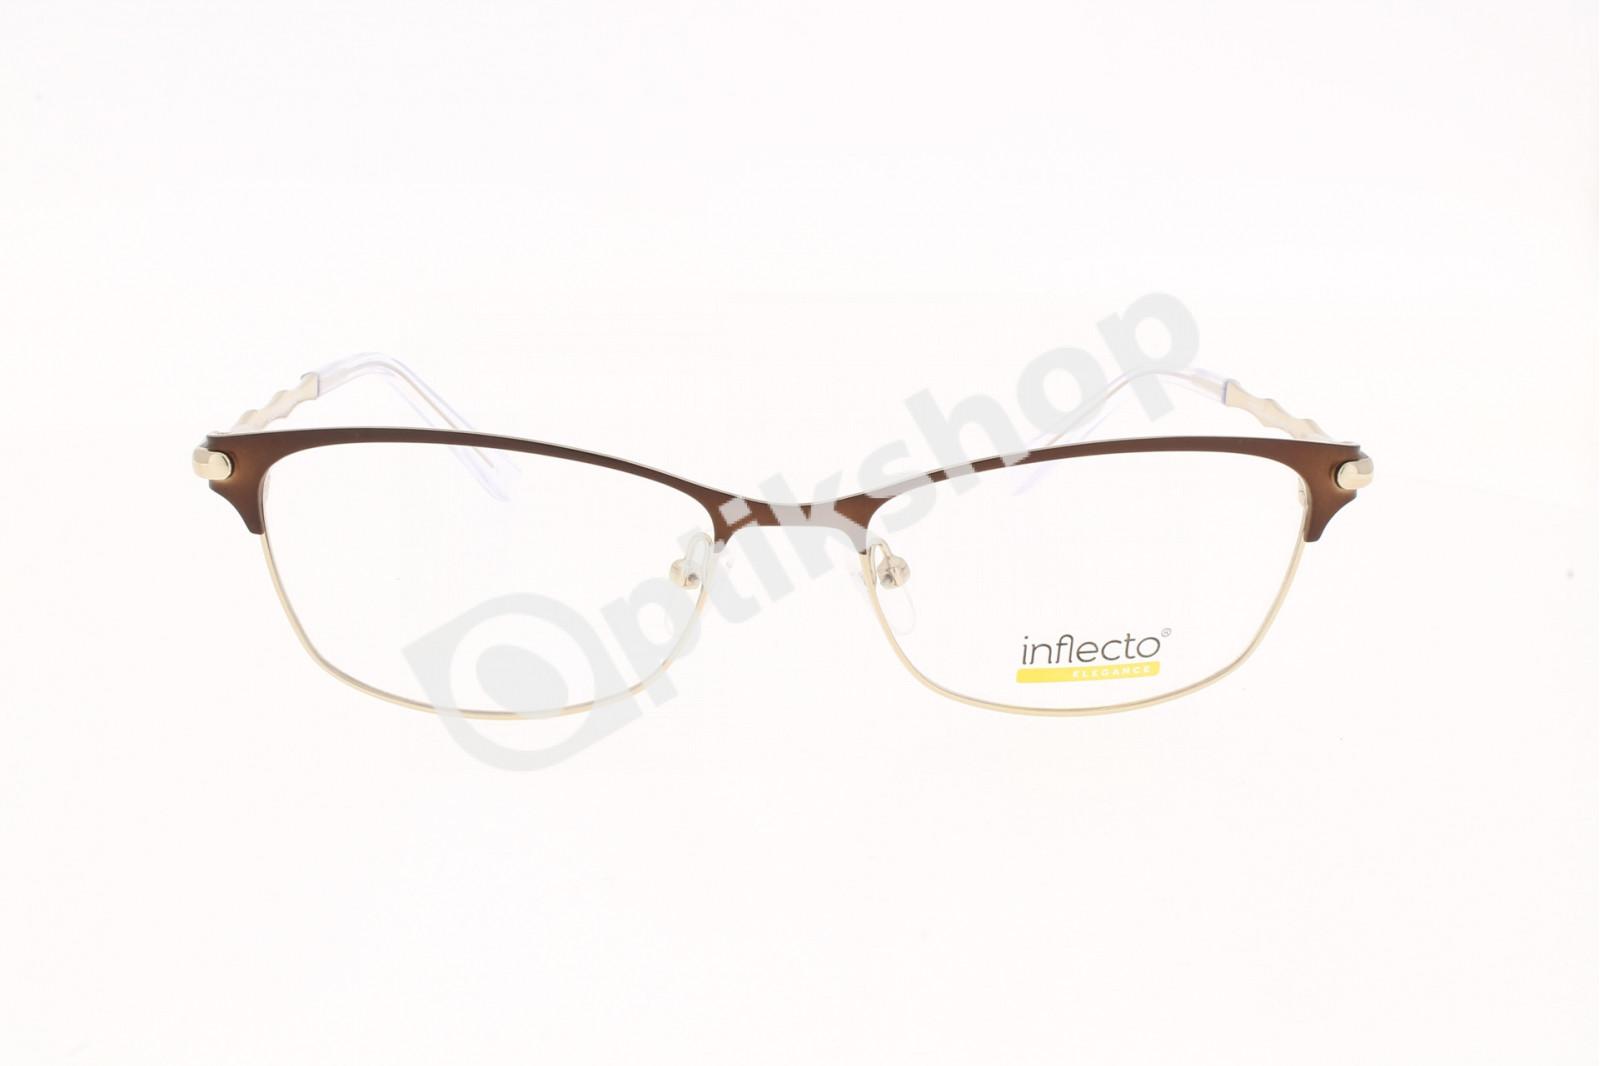 Inflecto Elegance szemüveg  Inflecto Elegance szemüveg ... b65b550f36